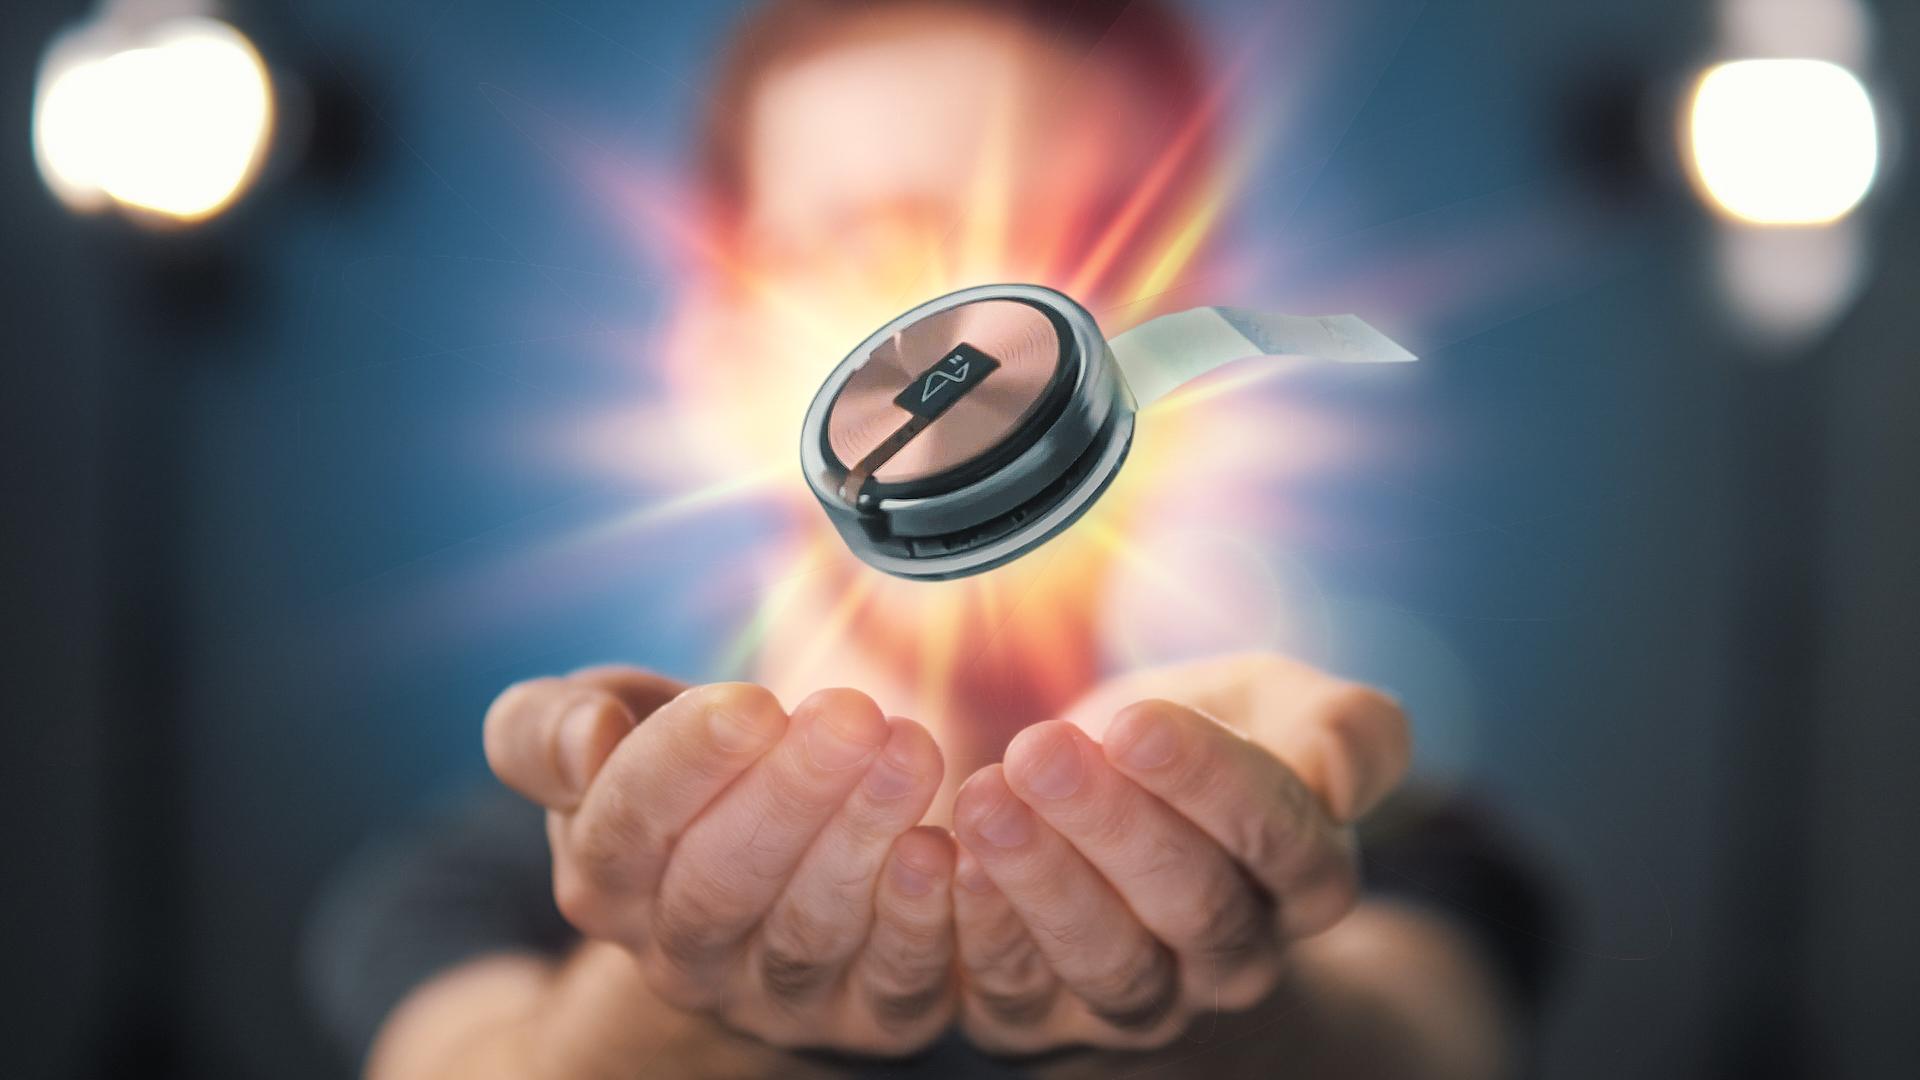 Neuralink : Elon Musk va-t-il vous transformer en cyborgs ?